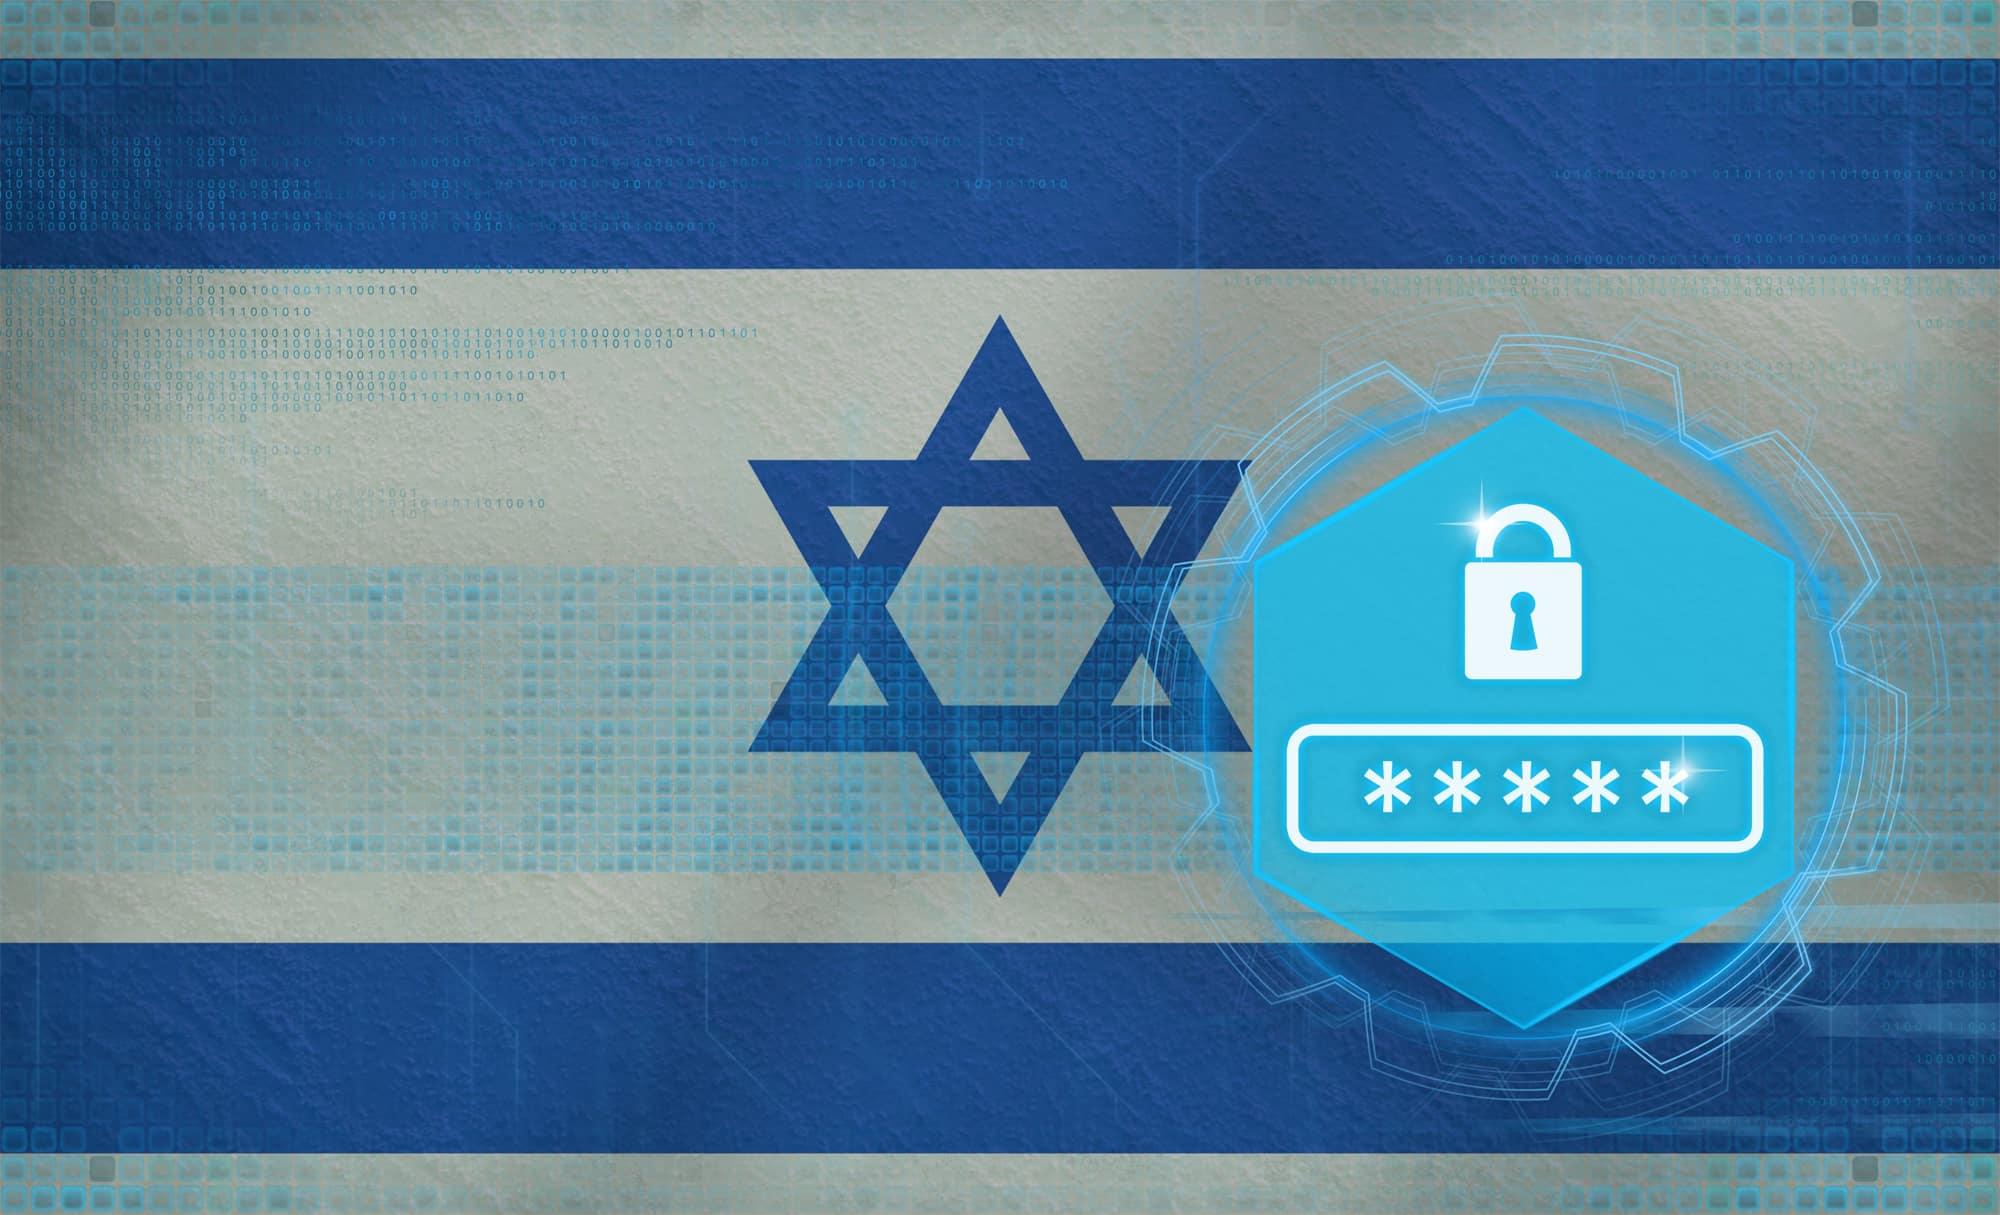 עבירות הפרת הגנת הפרטיות - סוגים ועונשים